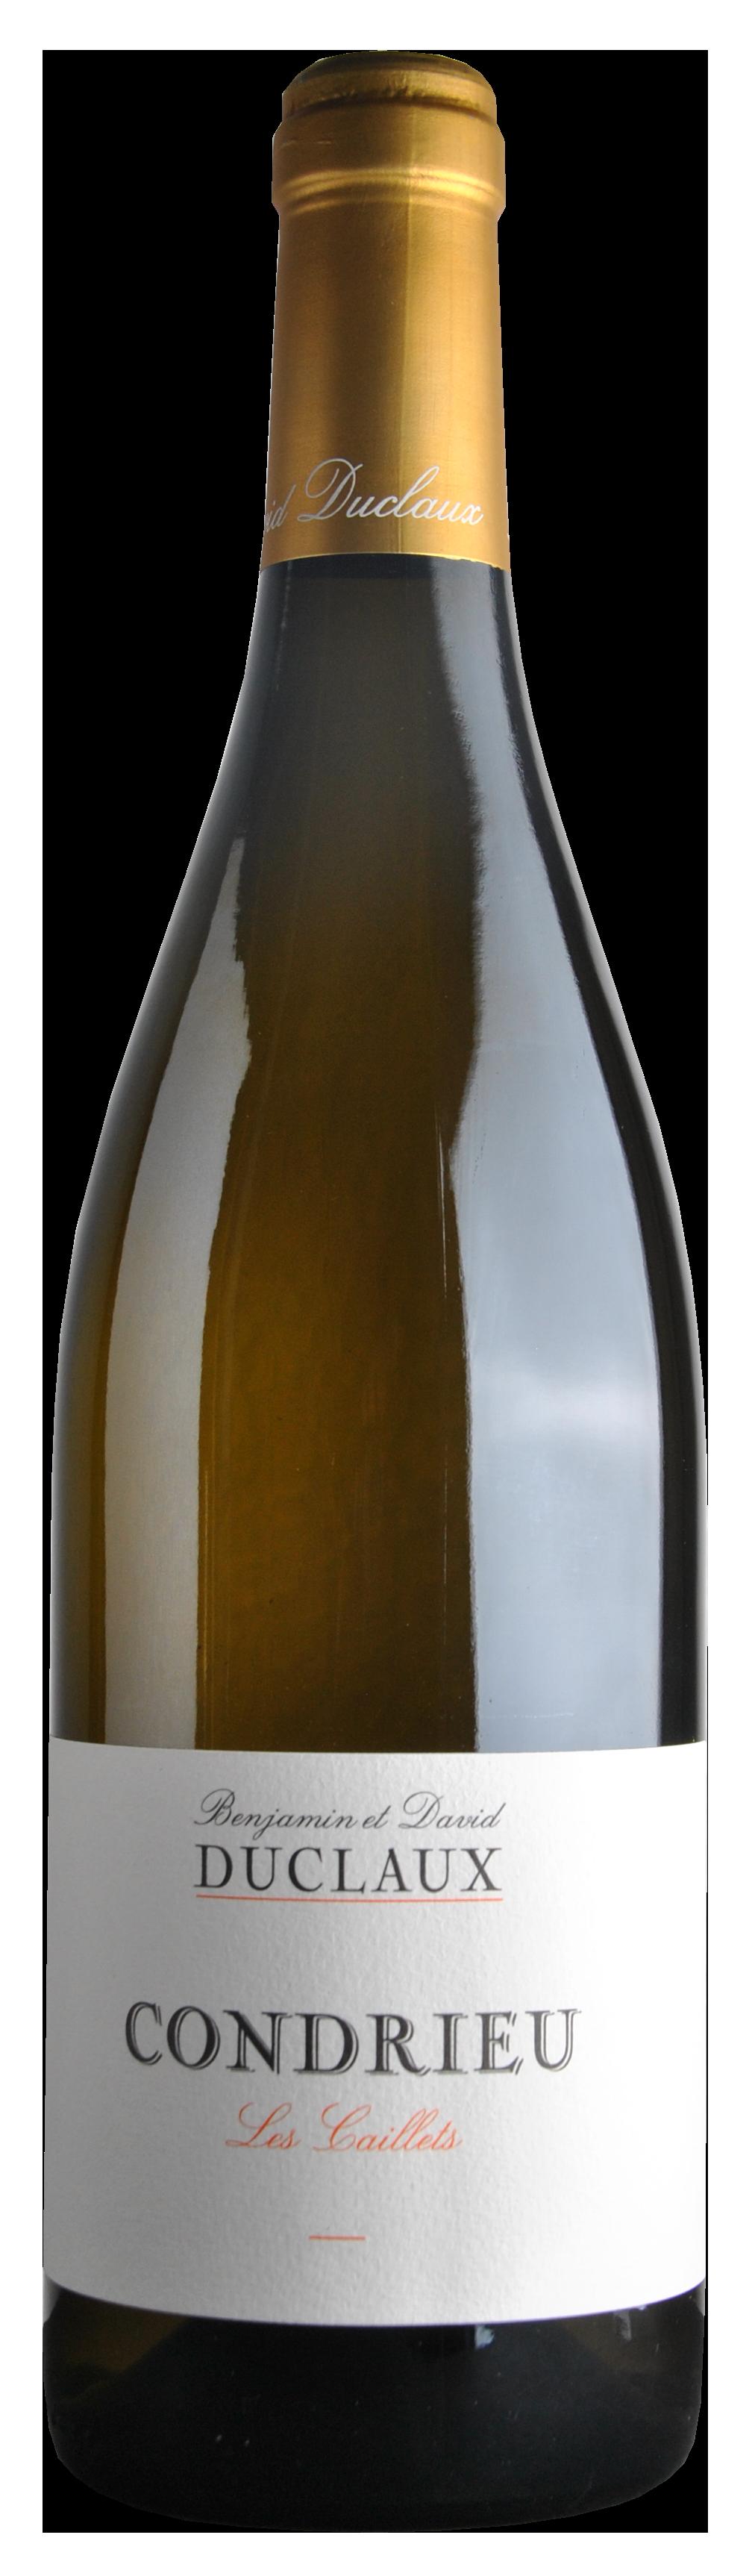 Condrieu - Vins Pirard